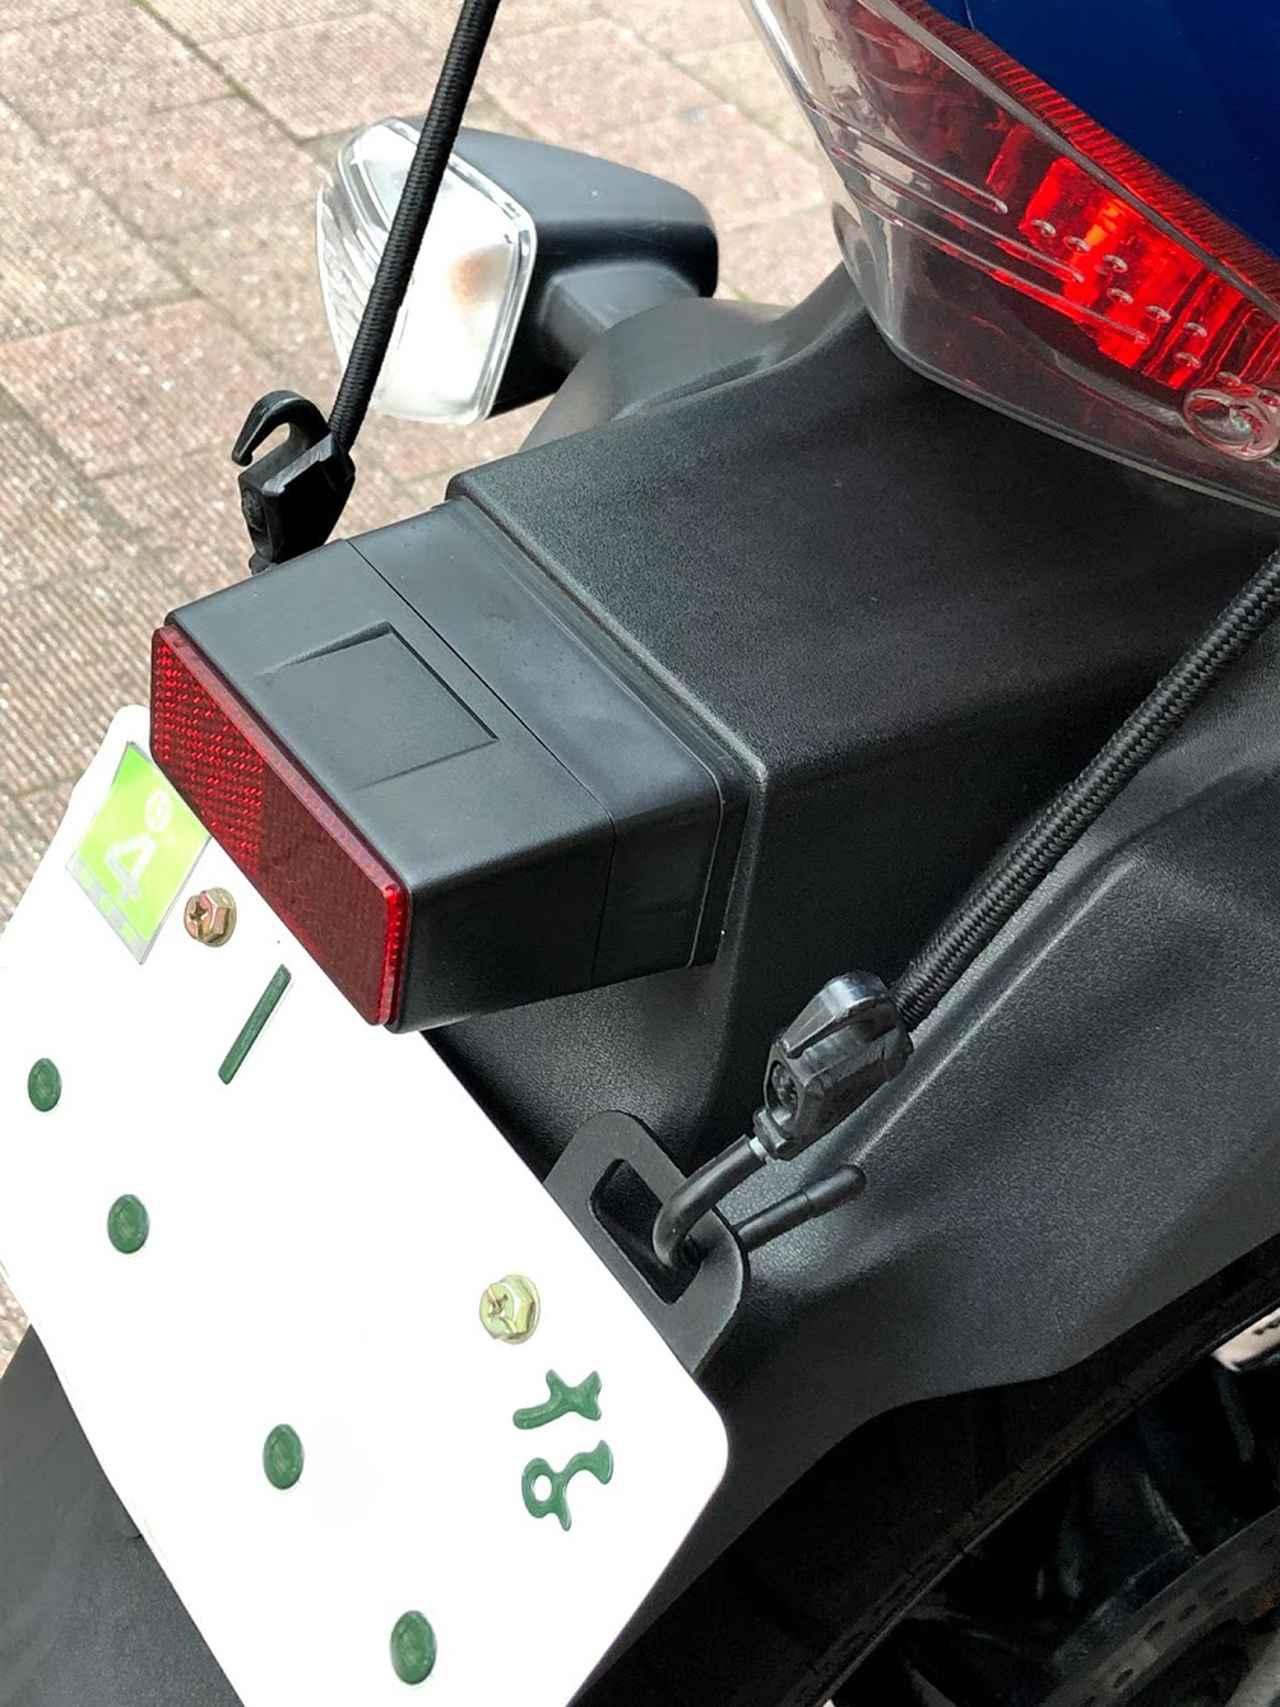 画像4: 今回、追加パーツでピックアップするのは、MOTO FIZZ製プレートフック2(税込価格=1,404円)。取り付け簡単な「カユい所にあったら嬉しい」荷掛けフックです。